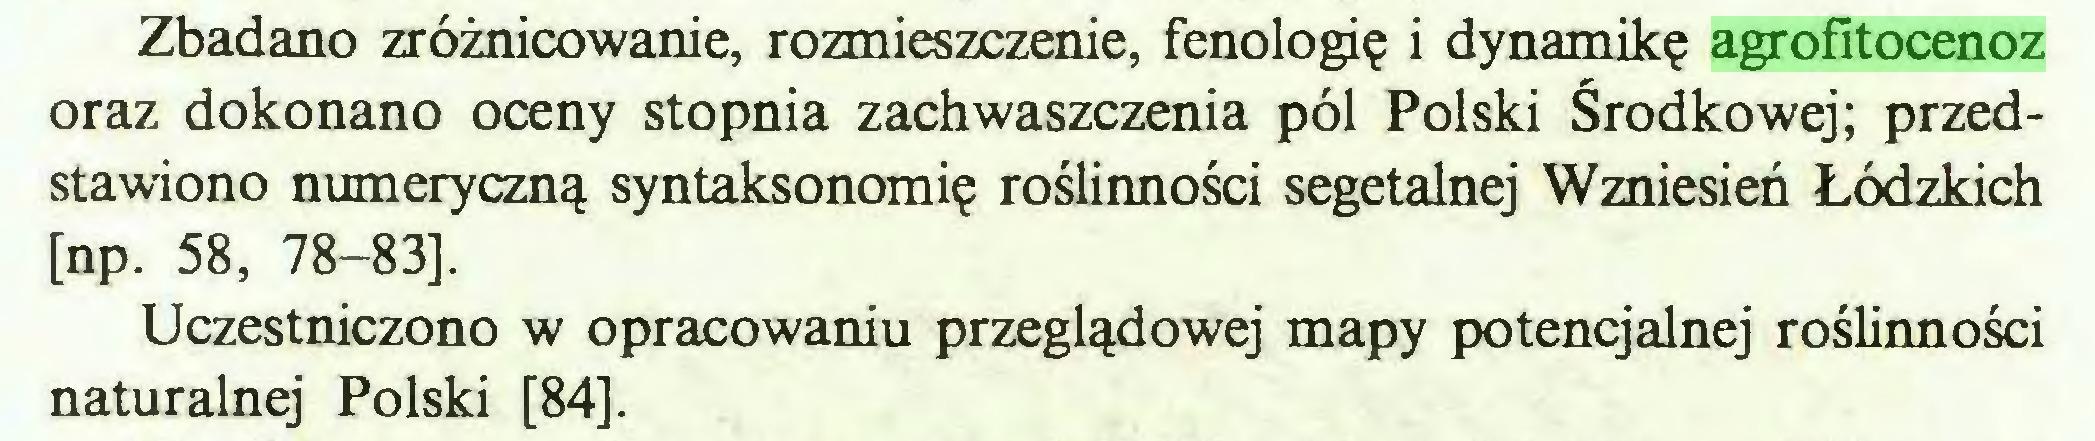 (...) Zbadano zróżnicowanie, rozmieszczenie, fenologię i dynamikę agrofitocenoz oraz dokonano oceny stopnia zachwaszczenia pól Polski Środkowej; przedstawiono numeryczną syntaksonomię roślinności segetalnej Wzniesień Łódzkich [np. 58, 78-83], Uczestniczono w opracowaniu przeglądowej mapy potencjalnej roślinności naturalnej Polski [84]...